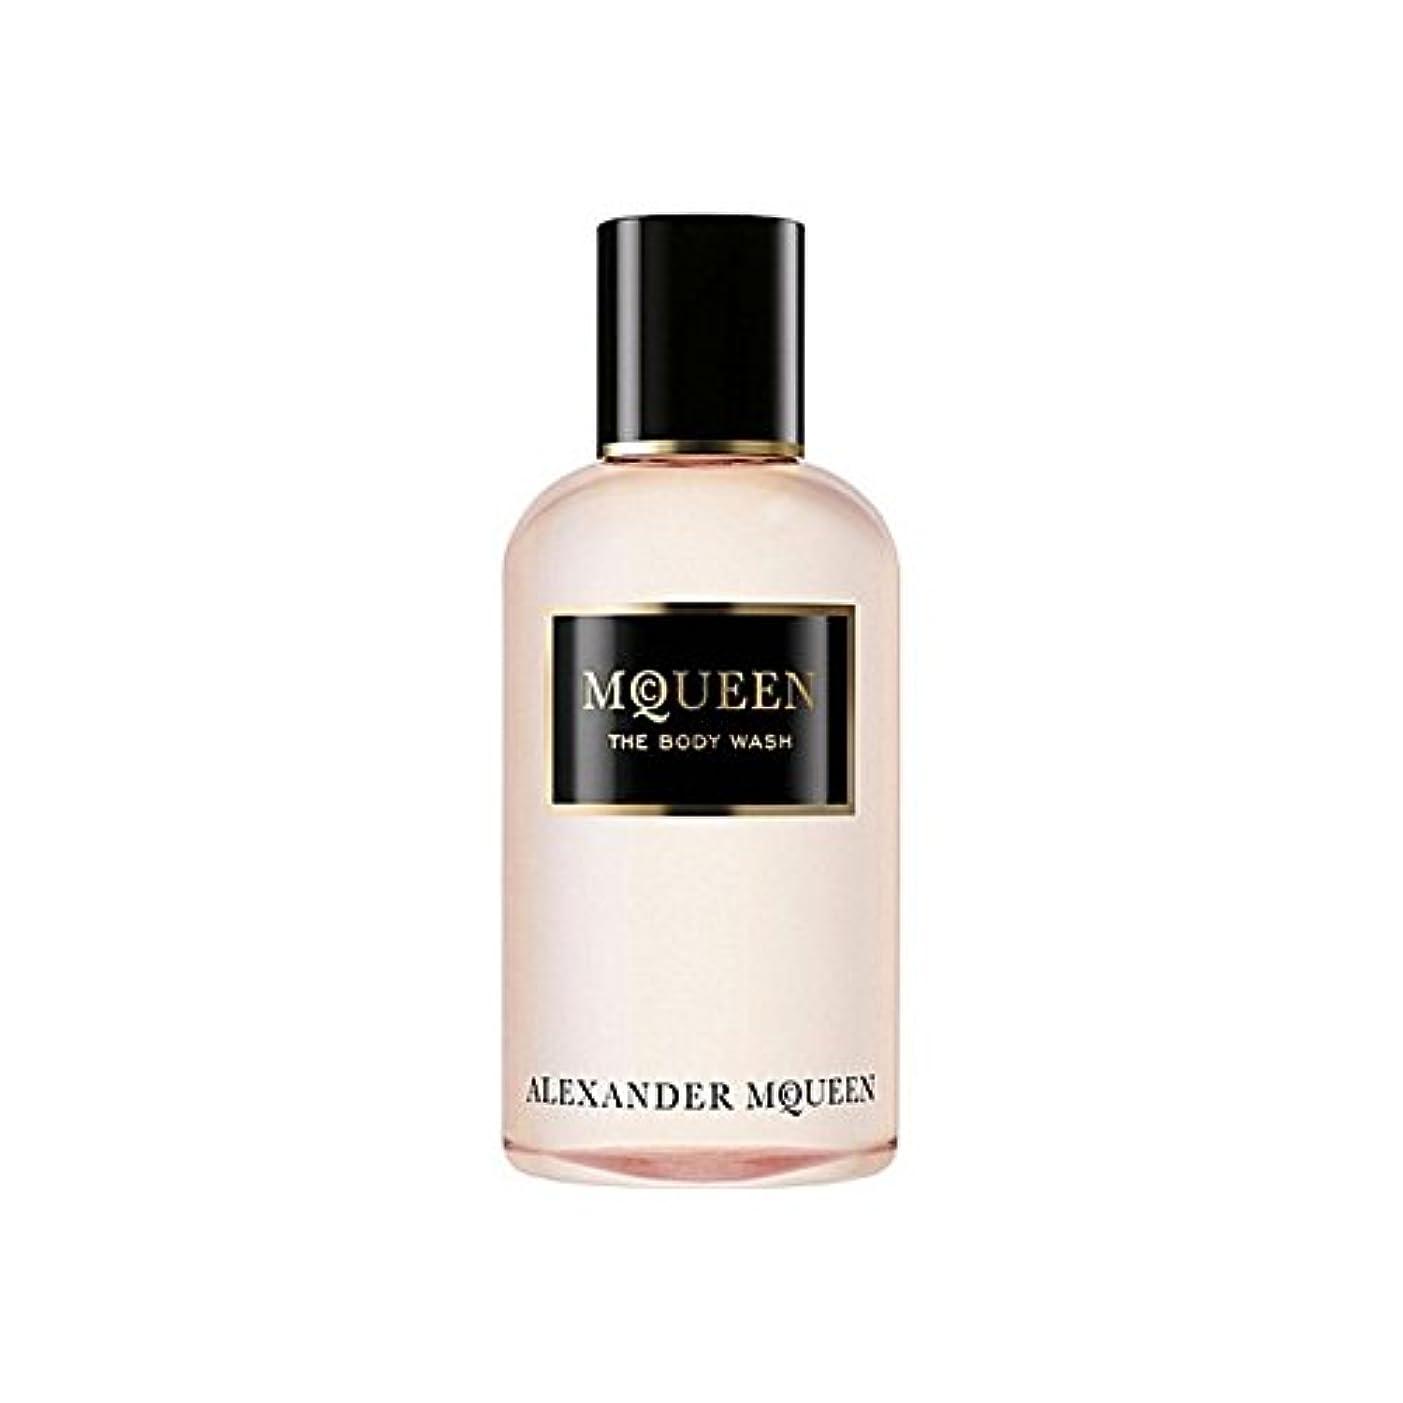 通行人試すパートナーAlexander McQueen Amq Mcqueen Eau De Parfum Shower Gel 250ml - アレキサンダーマックイーンマックイーンオードパルファムシャワージェル250ミリリットル [並行輸入品]